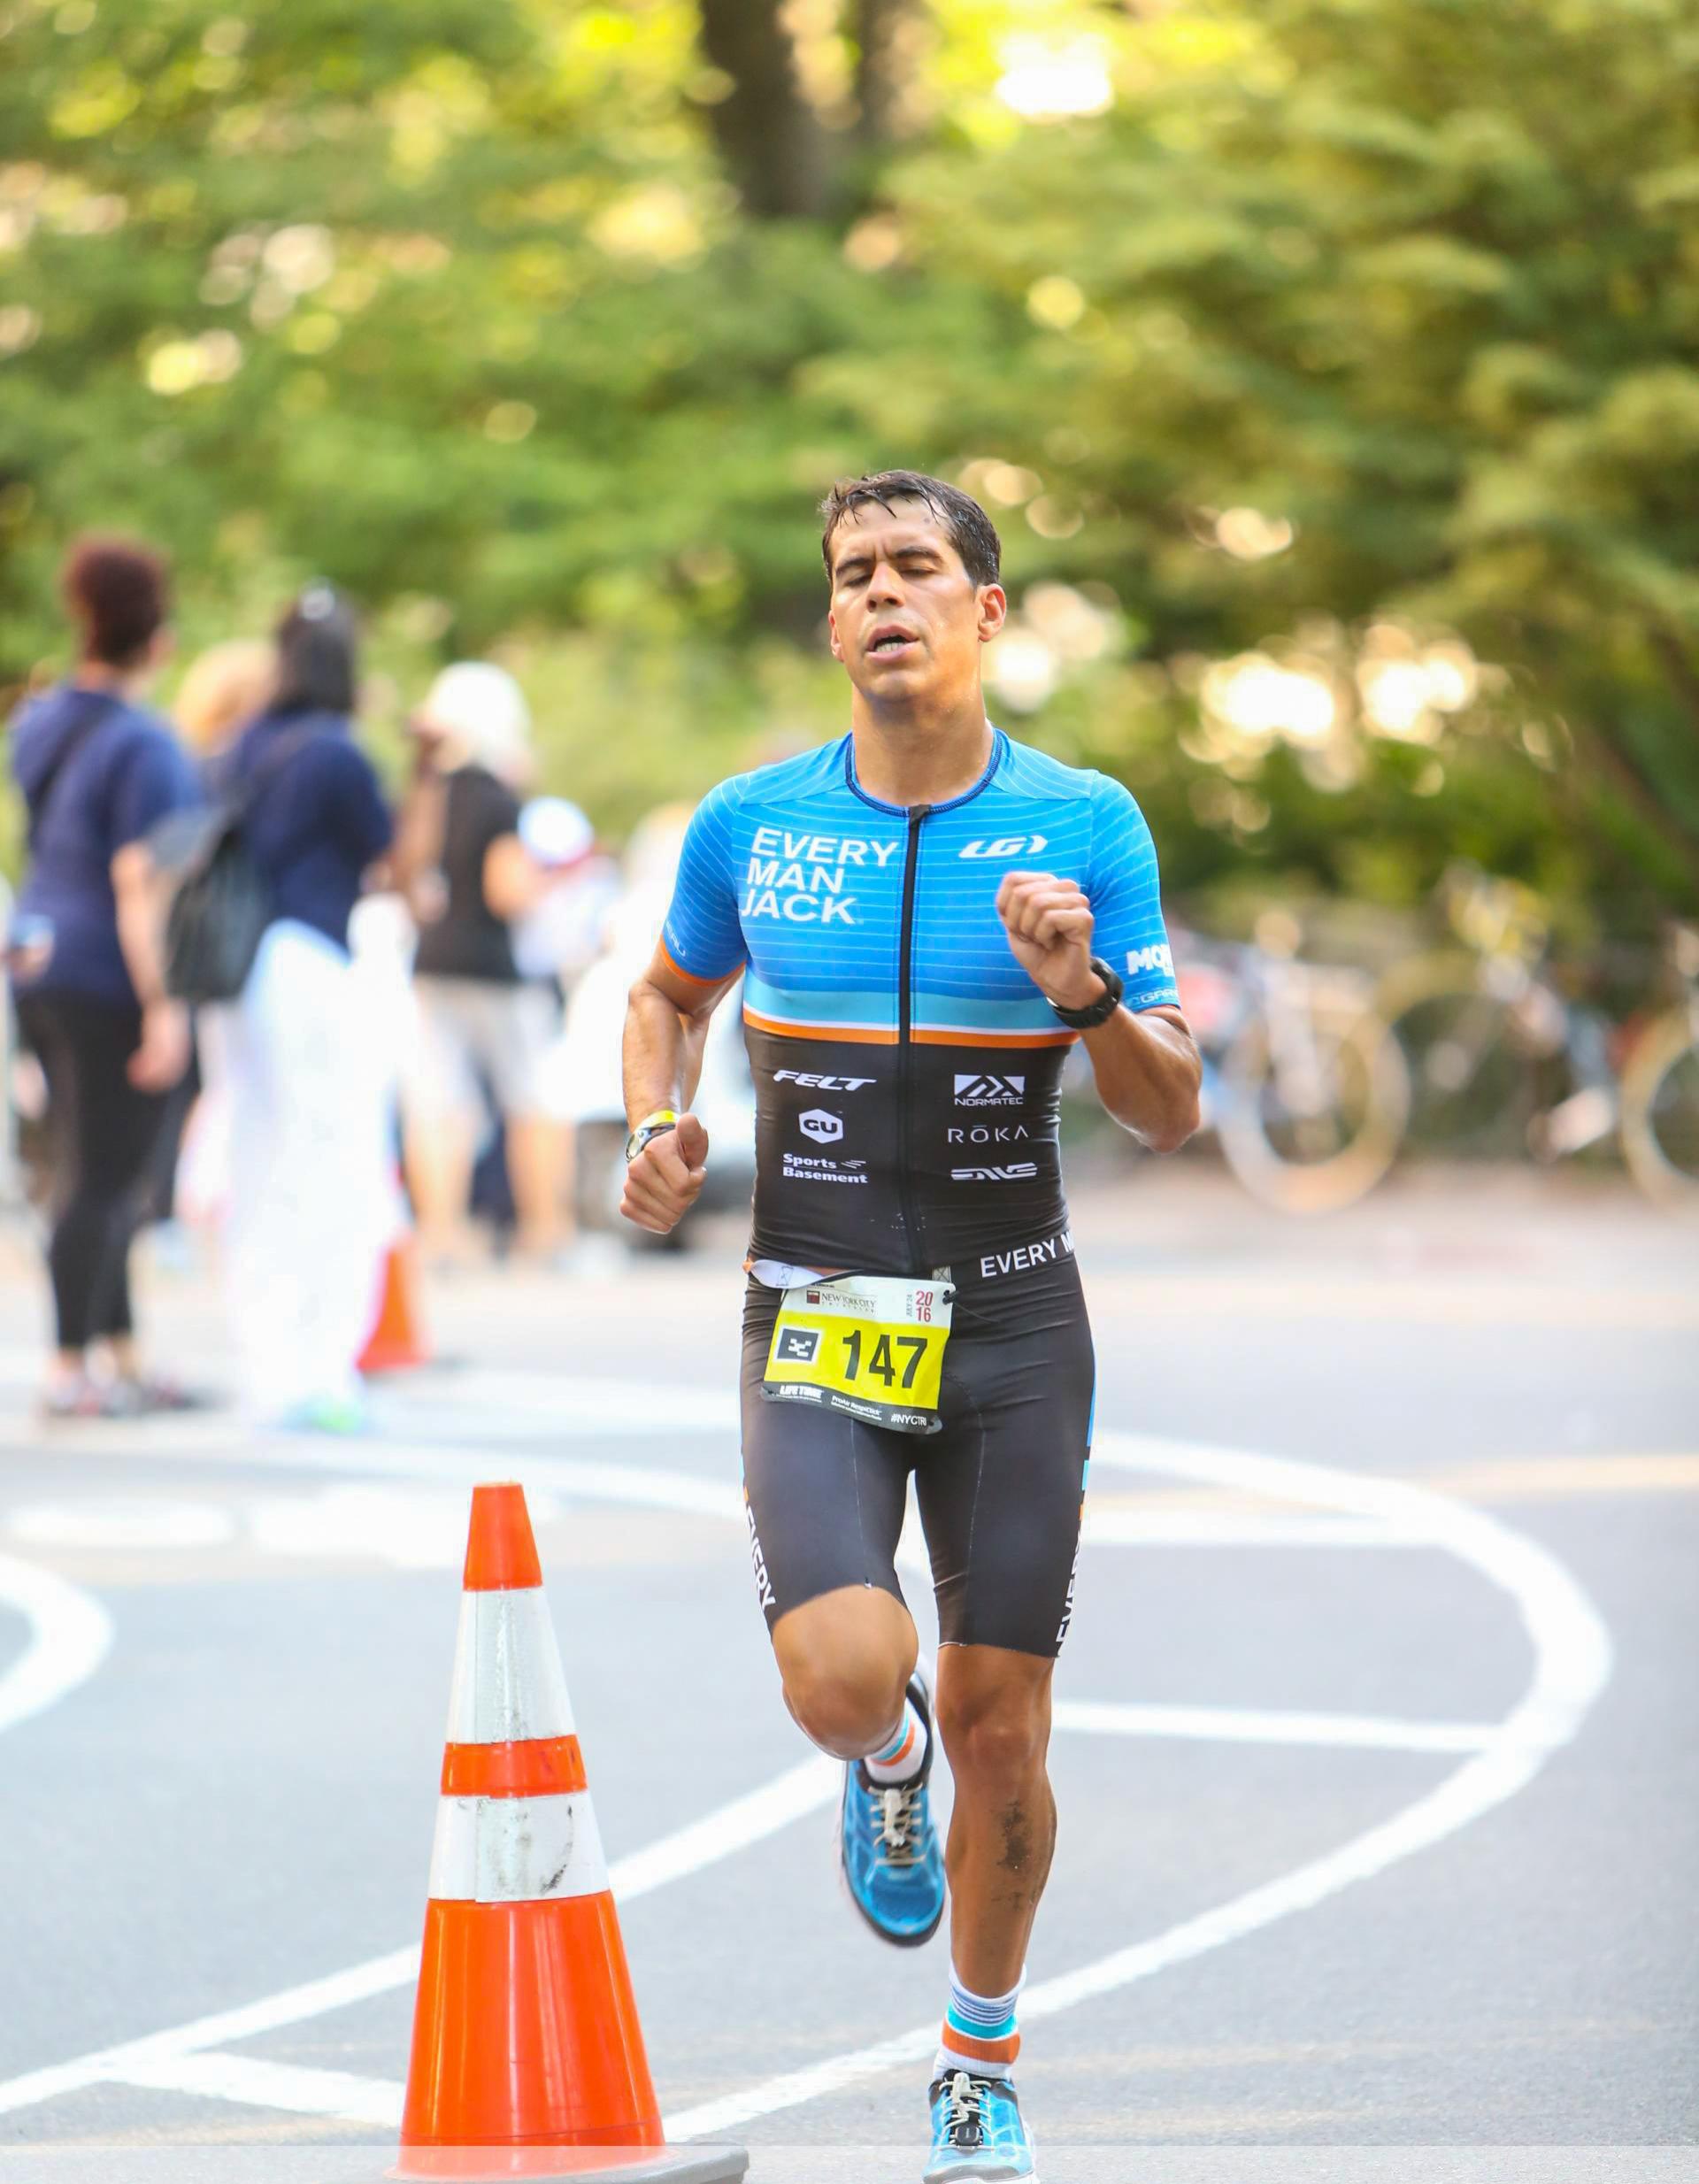 NYC Triathlon 2016 a